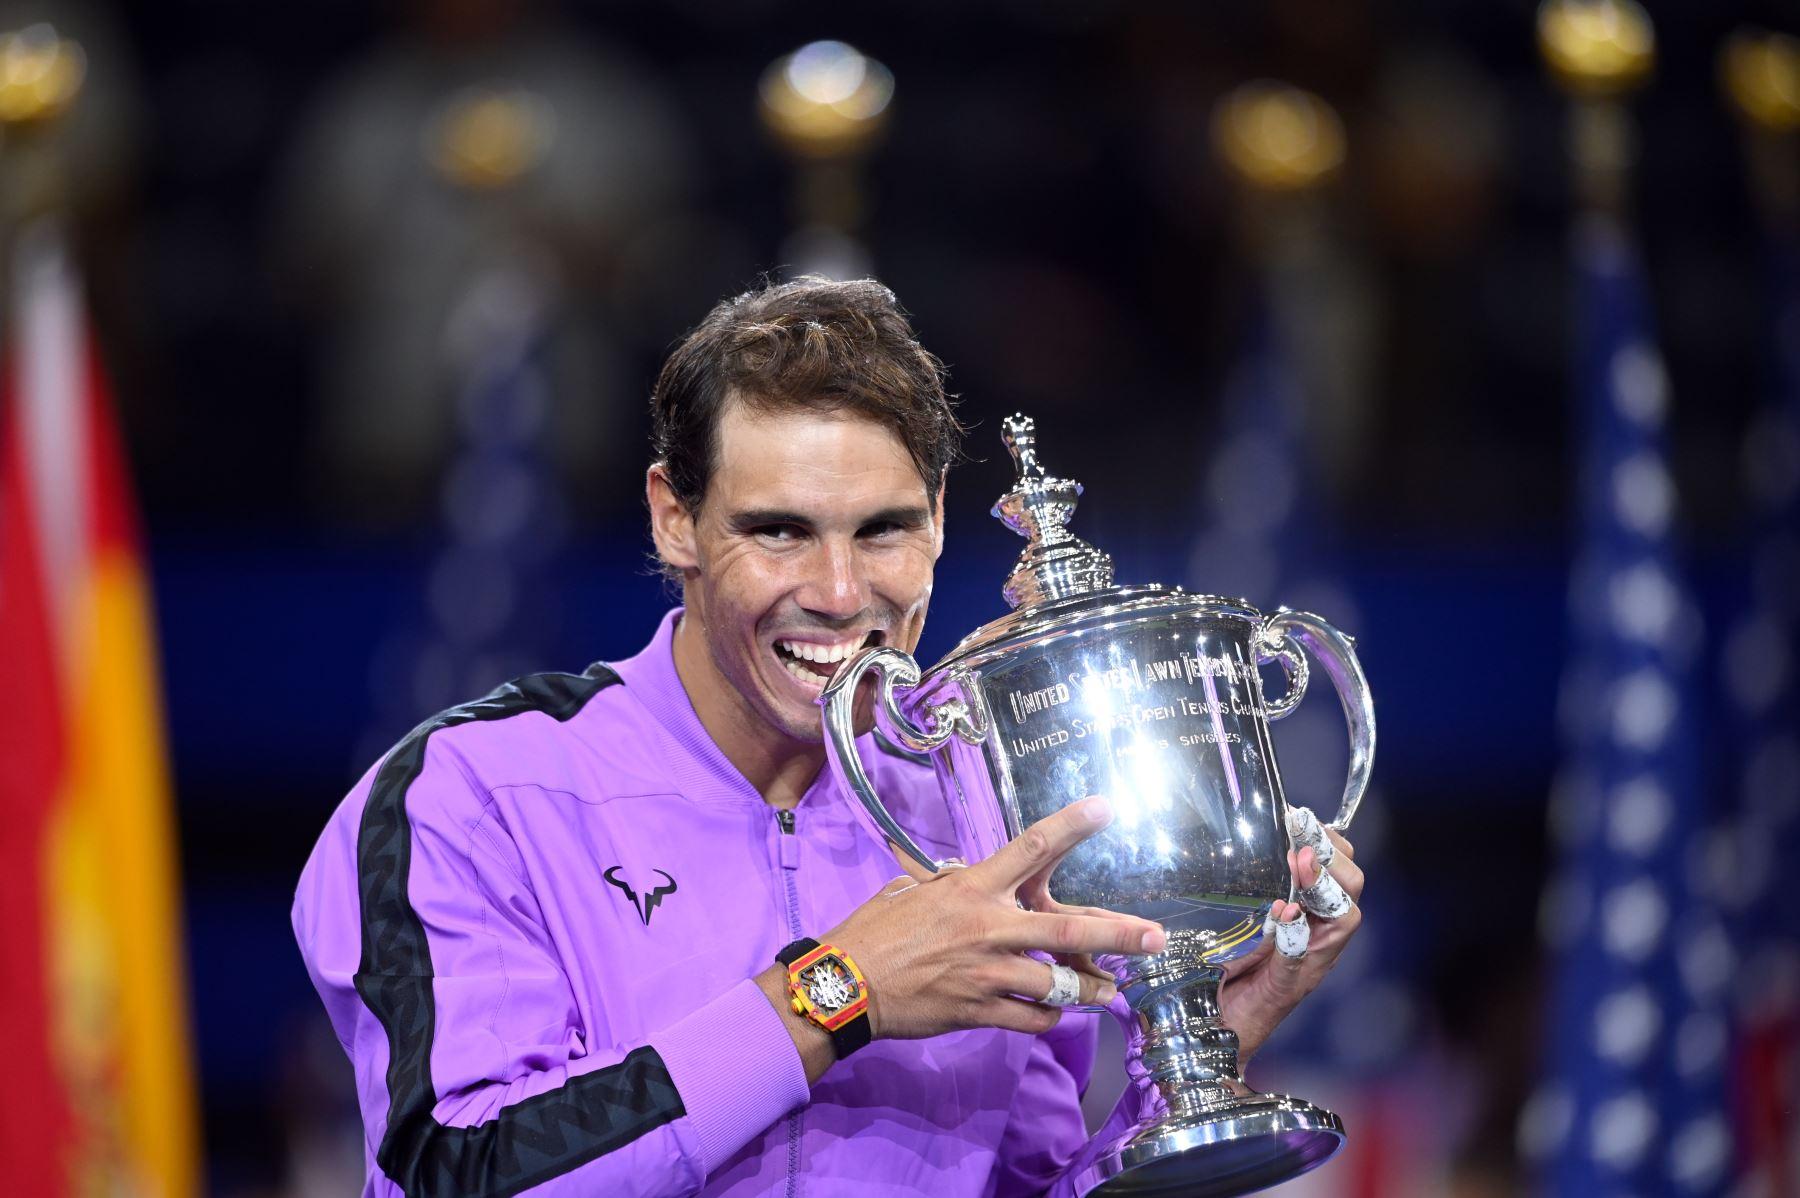 Rafael Nadal de España posee el trofeo después de su victoria sobre Daniil Medvedev de Rusia durante el partido de la final masculina individual en el US Open 2019 en el USTA Billie Jean King National Tennis Center en Nueva York.Foto:AFP